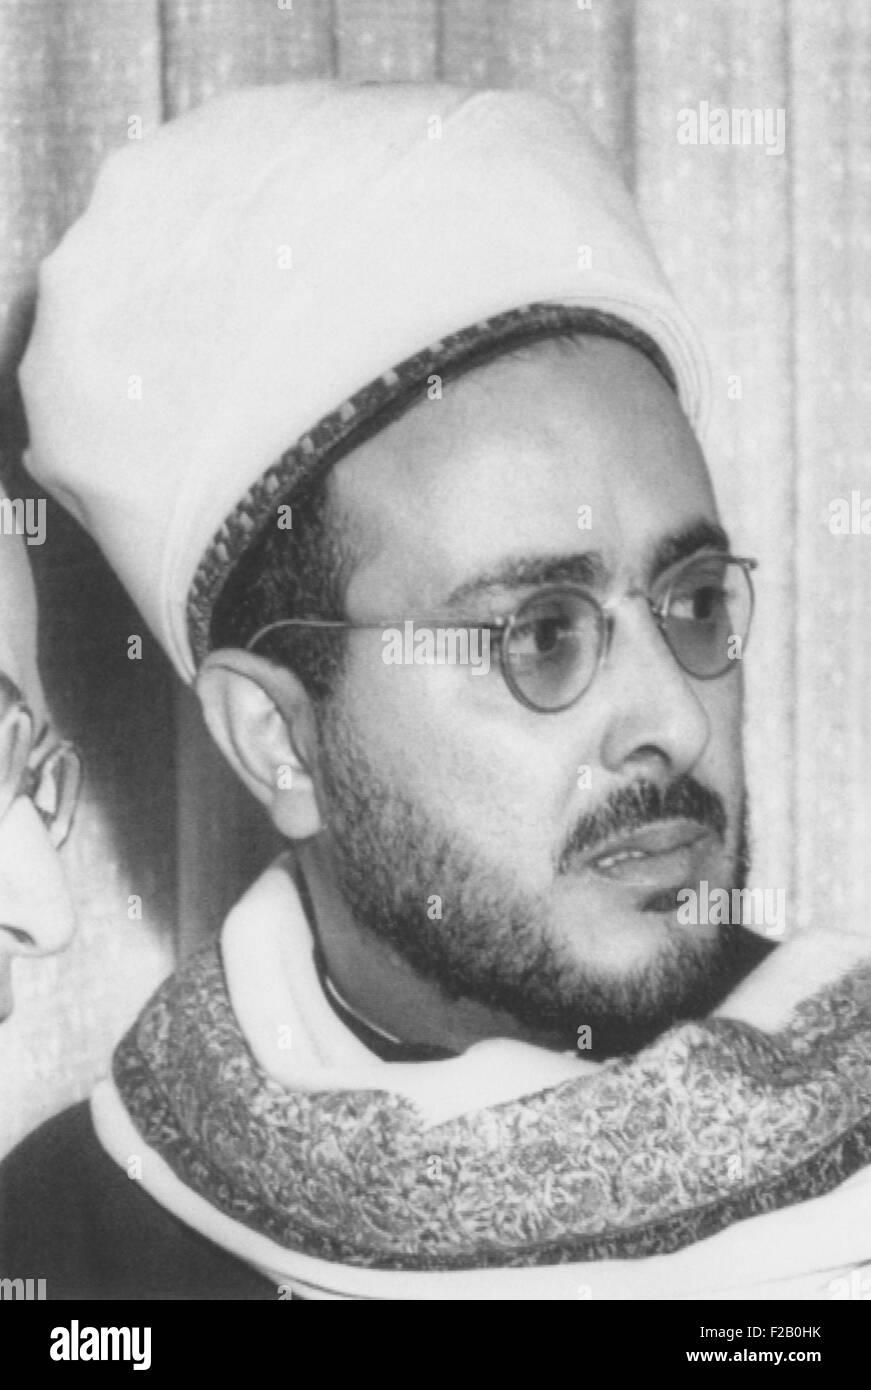 Prinz Sayf Al-Islam Abdullah für Revolte gegen König Sayf AlIslam Ahmad verurteilt. 11. März 1955. Stockbild